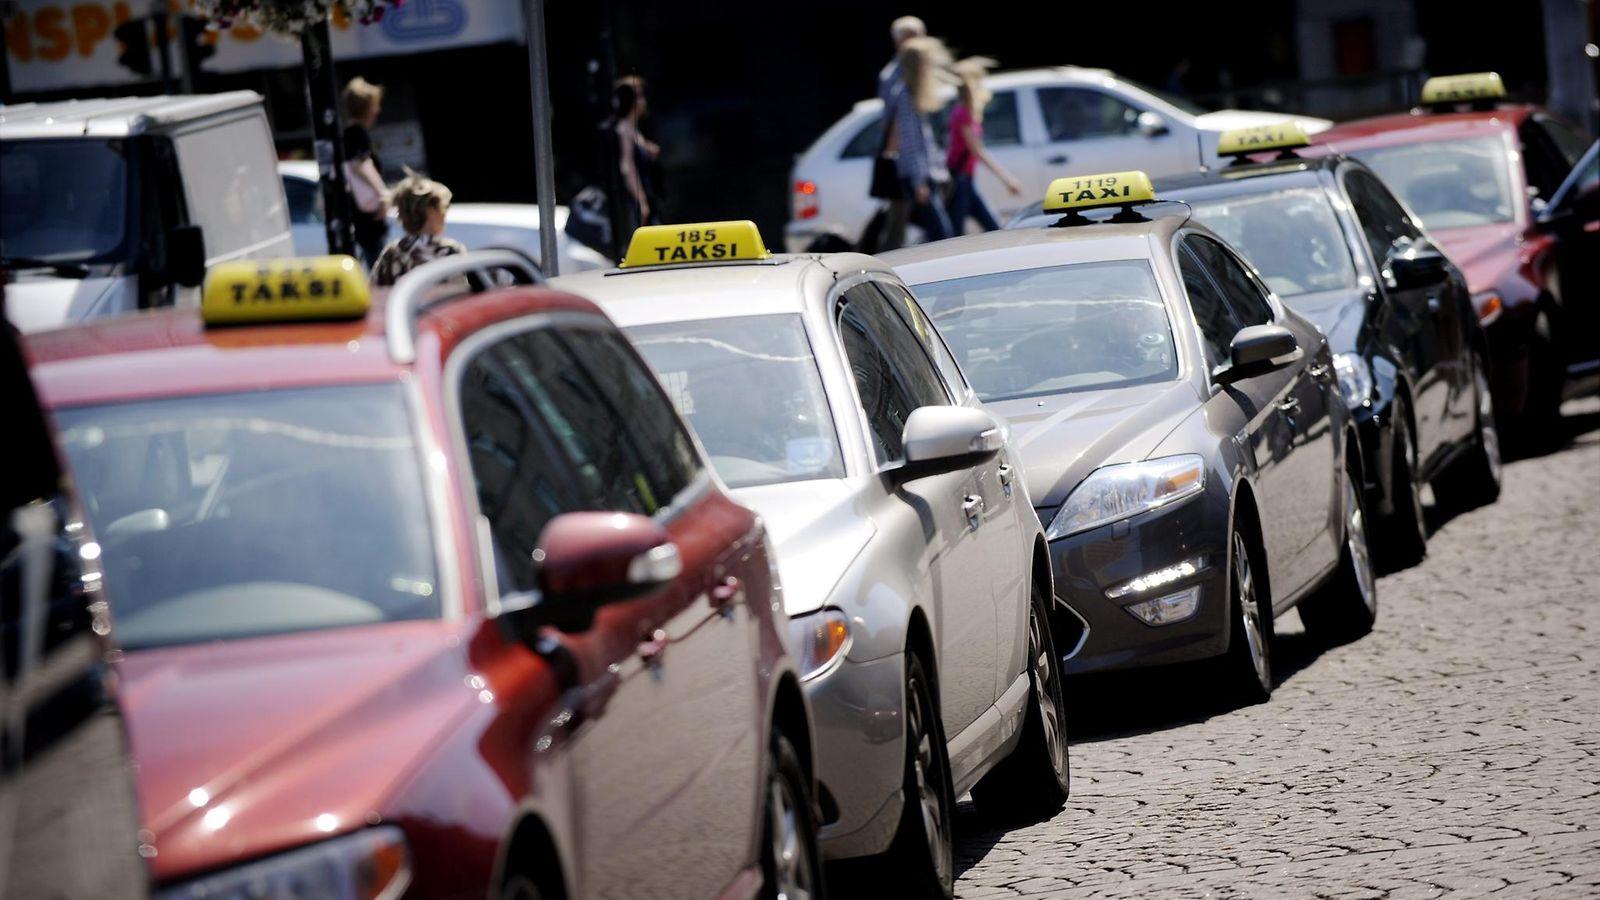 Oma Taksi